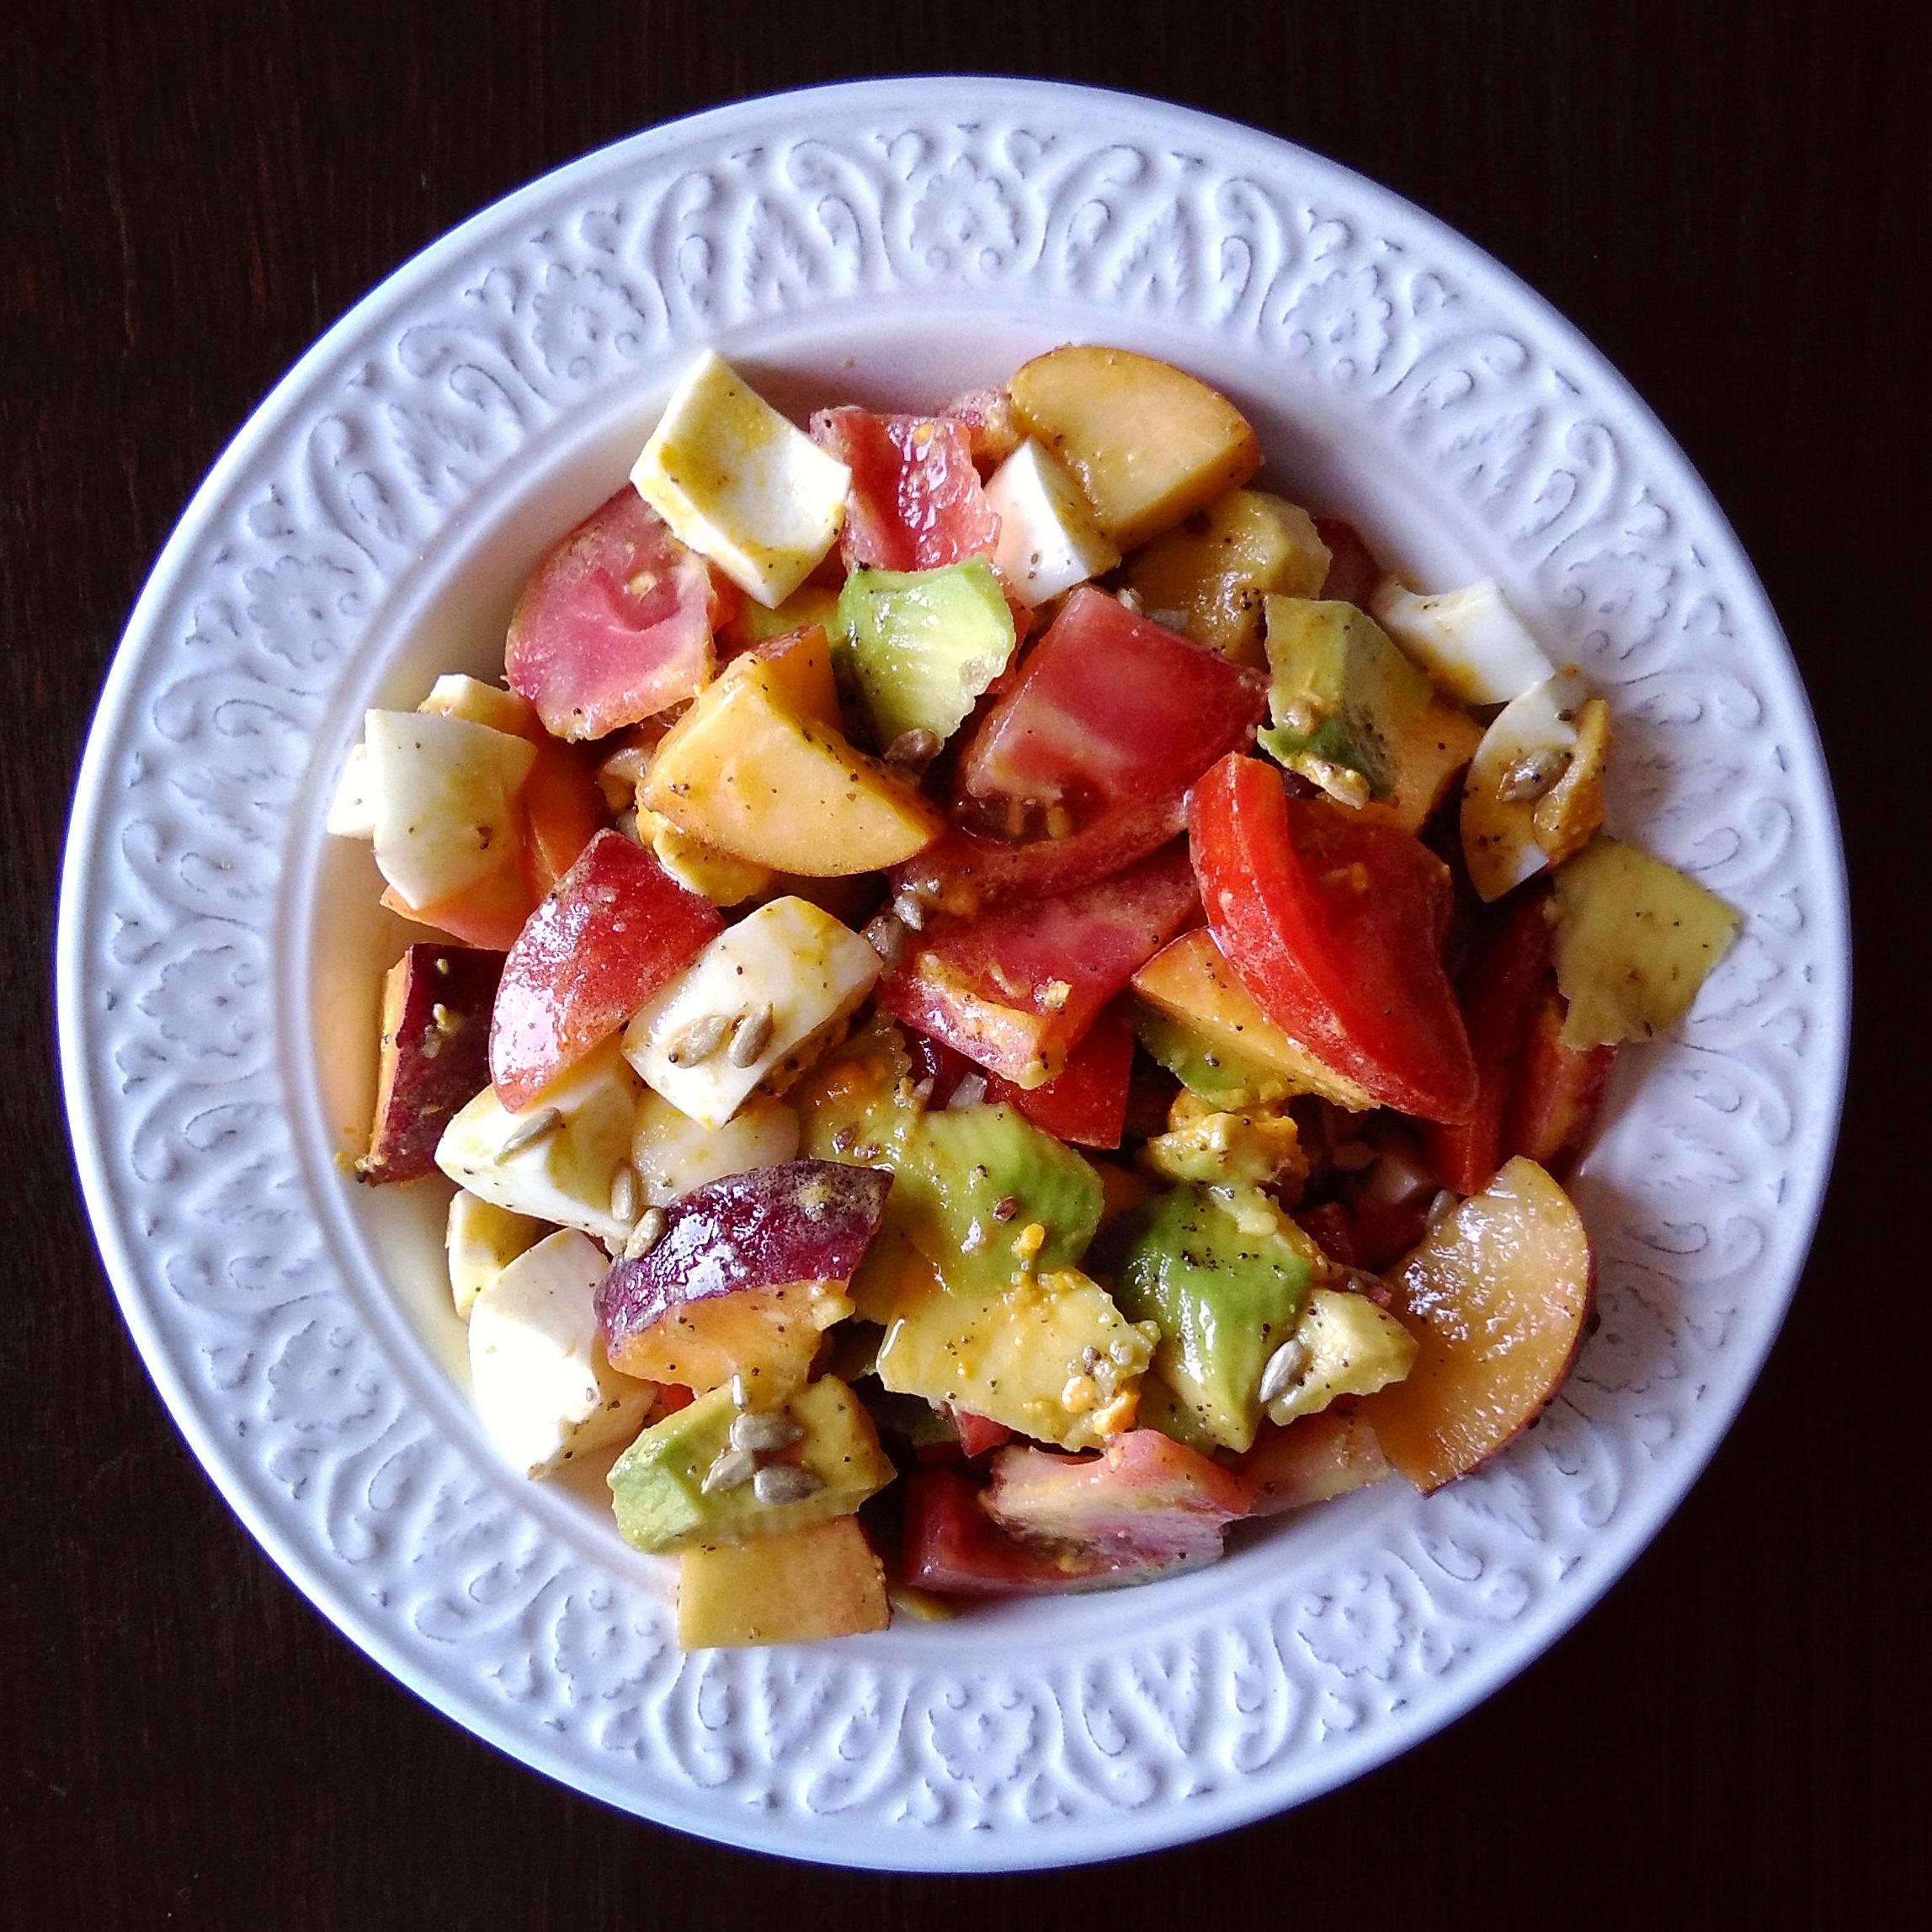 Ensalada de tomate, aguacate, melocotón, huevo cocido, pipas de girasol y semillas